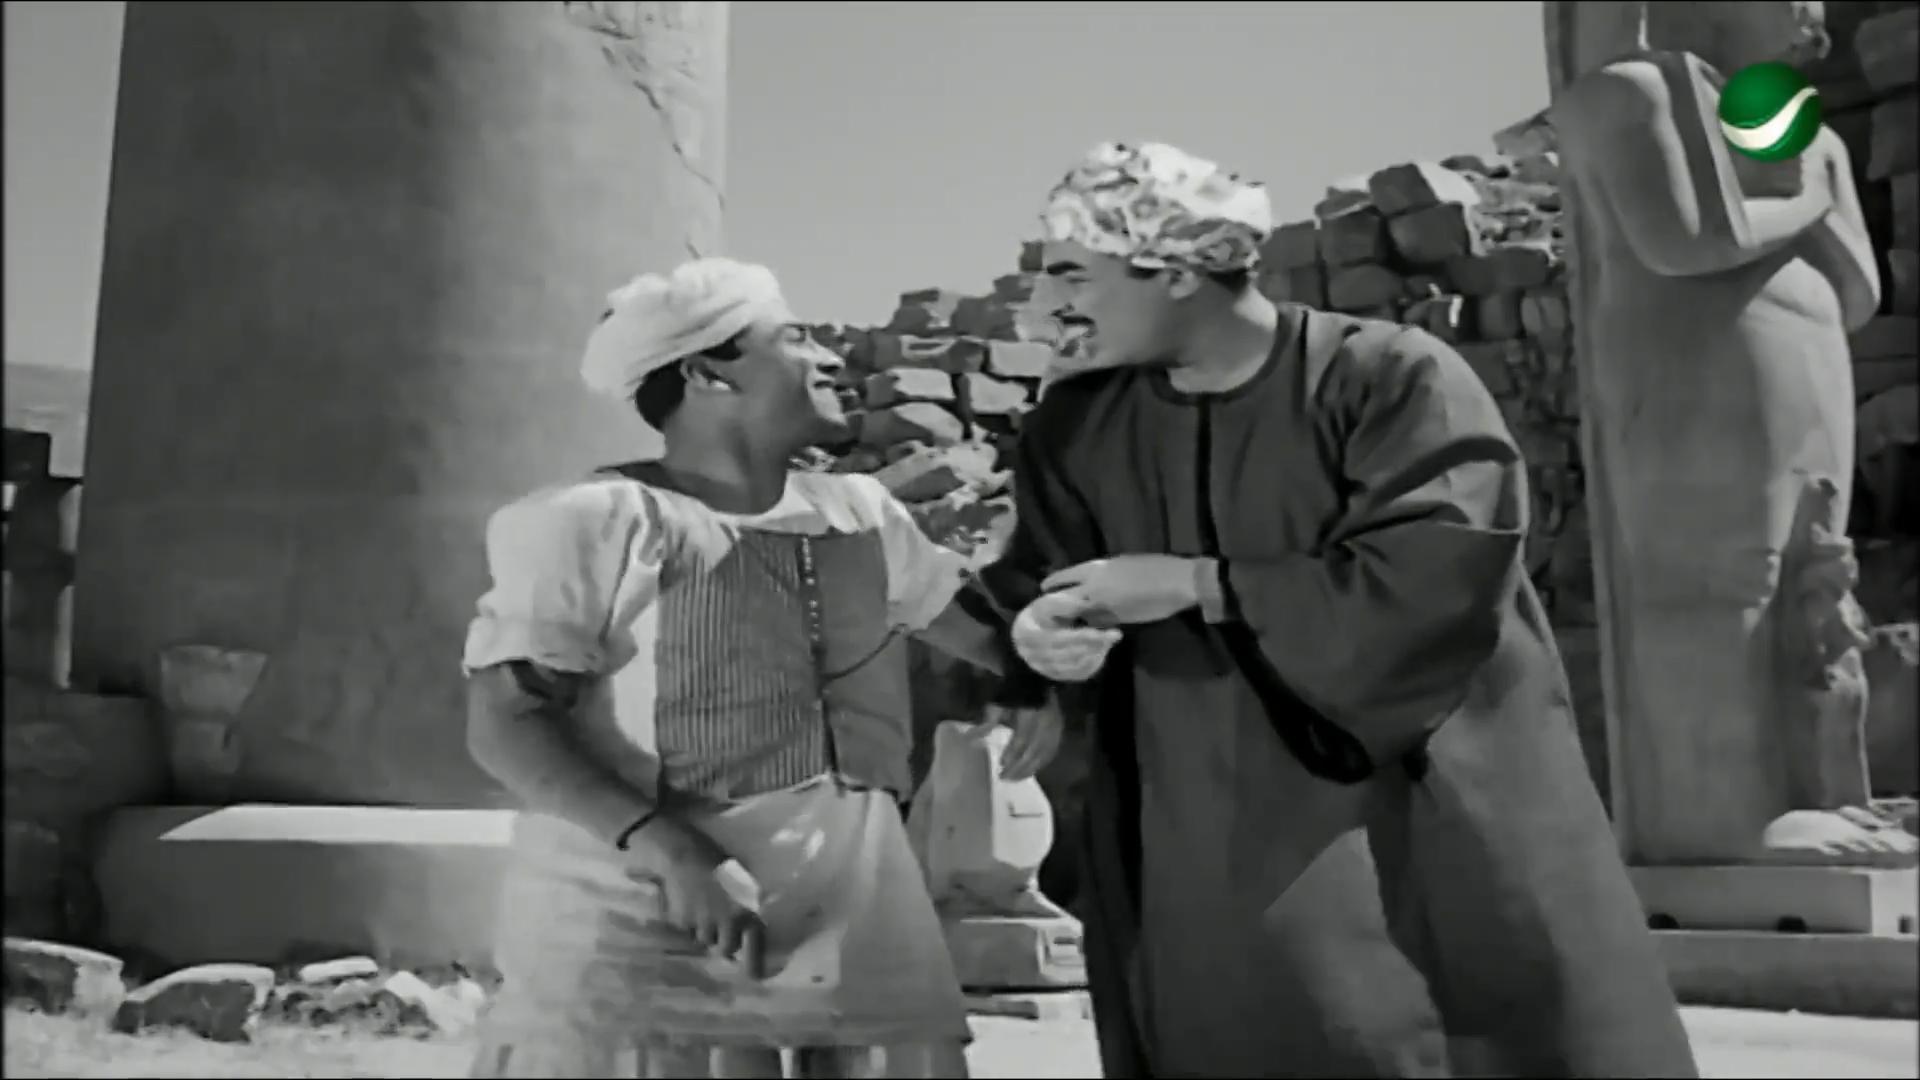 [فيلم][تورنت][تحميل][صراع في النيل][1959][1080p][Web-DL] 5 arabp2p.com